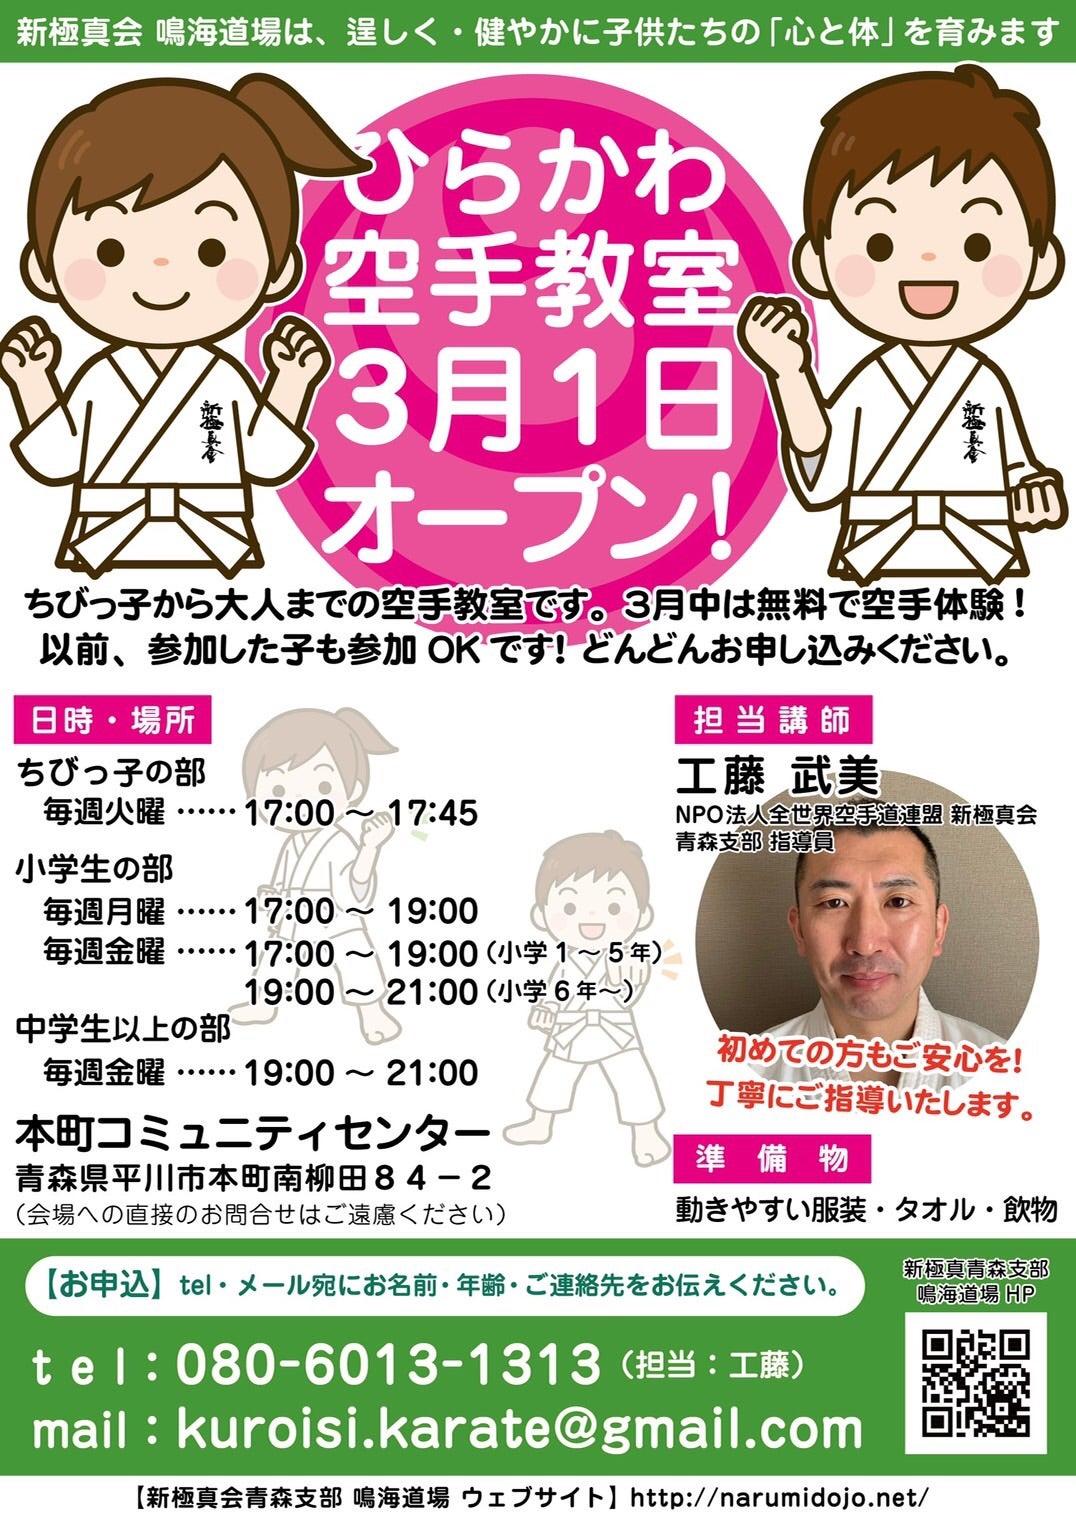 平川教室、新規開設のお知らせ